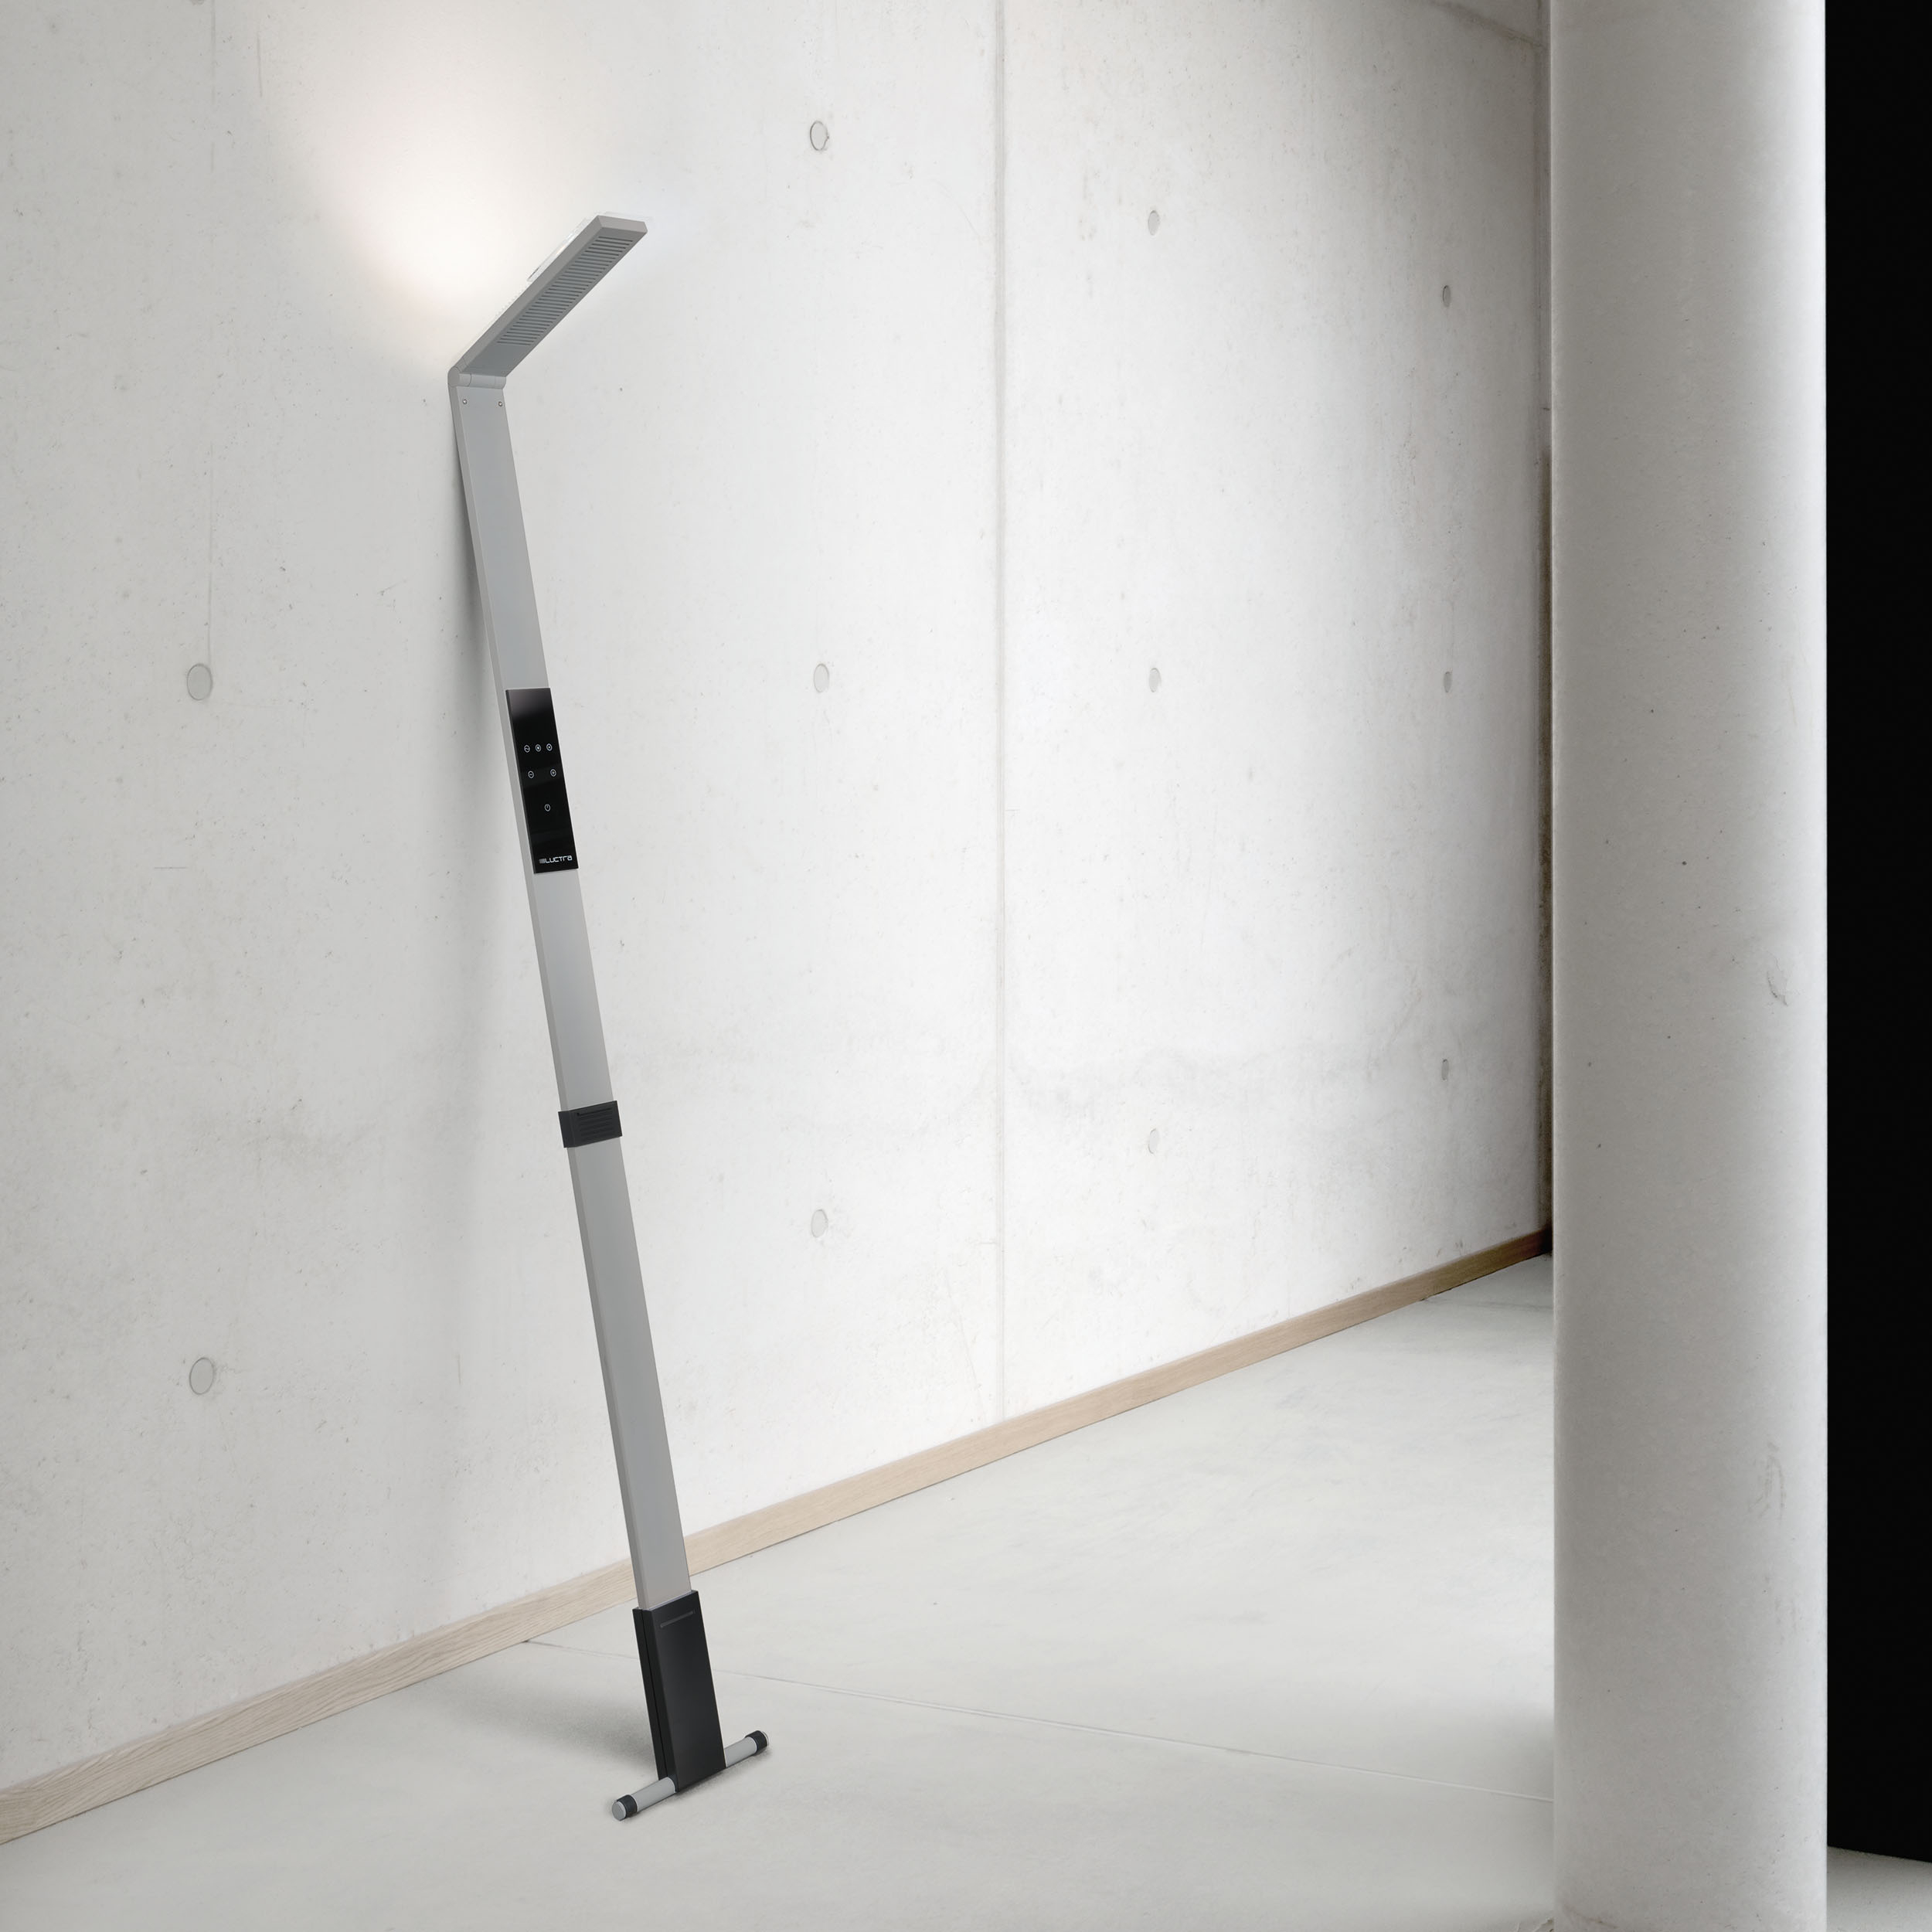 Flex mobile LED Stehleuchte